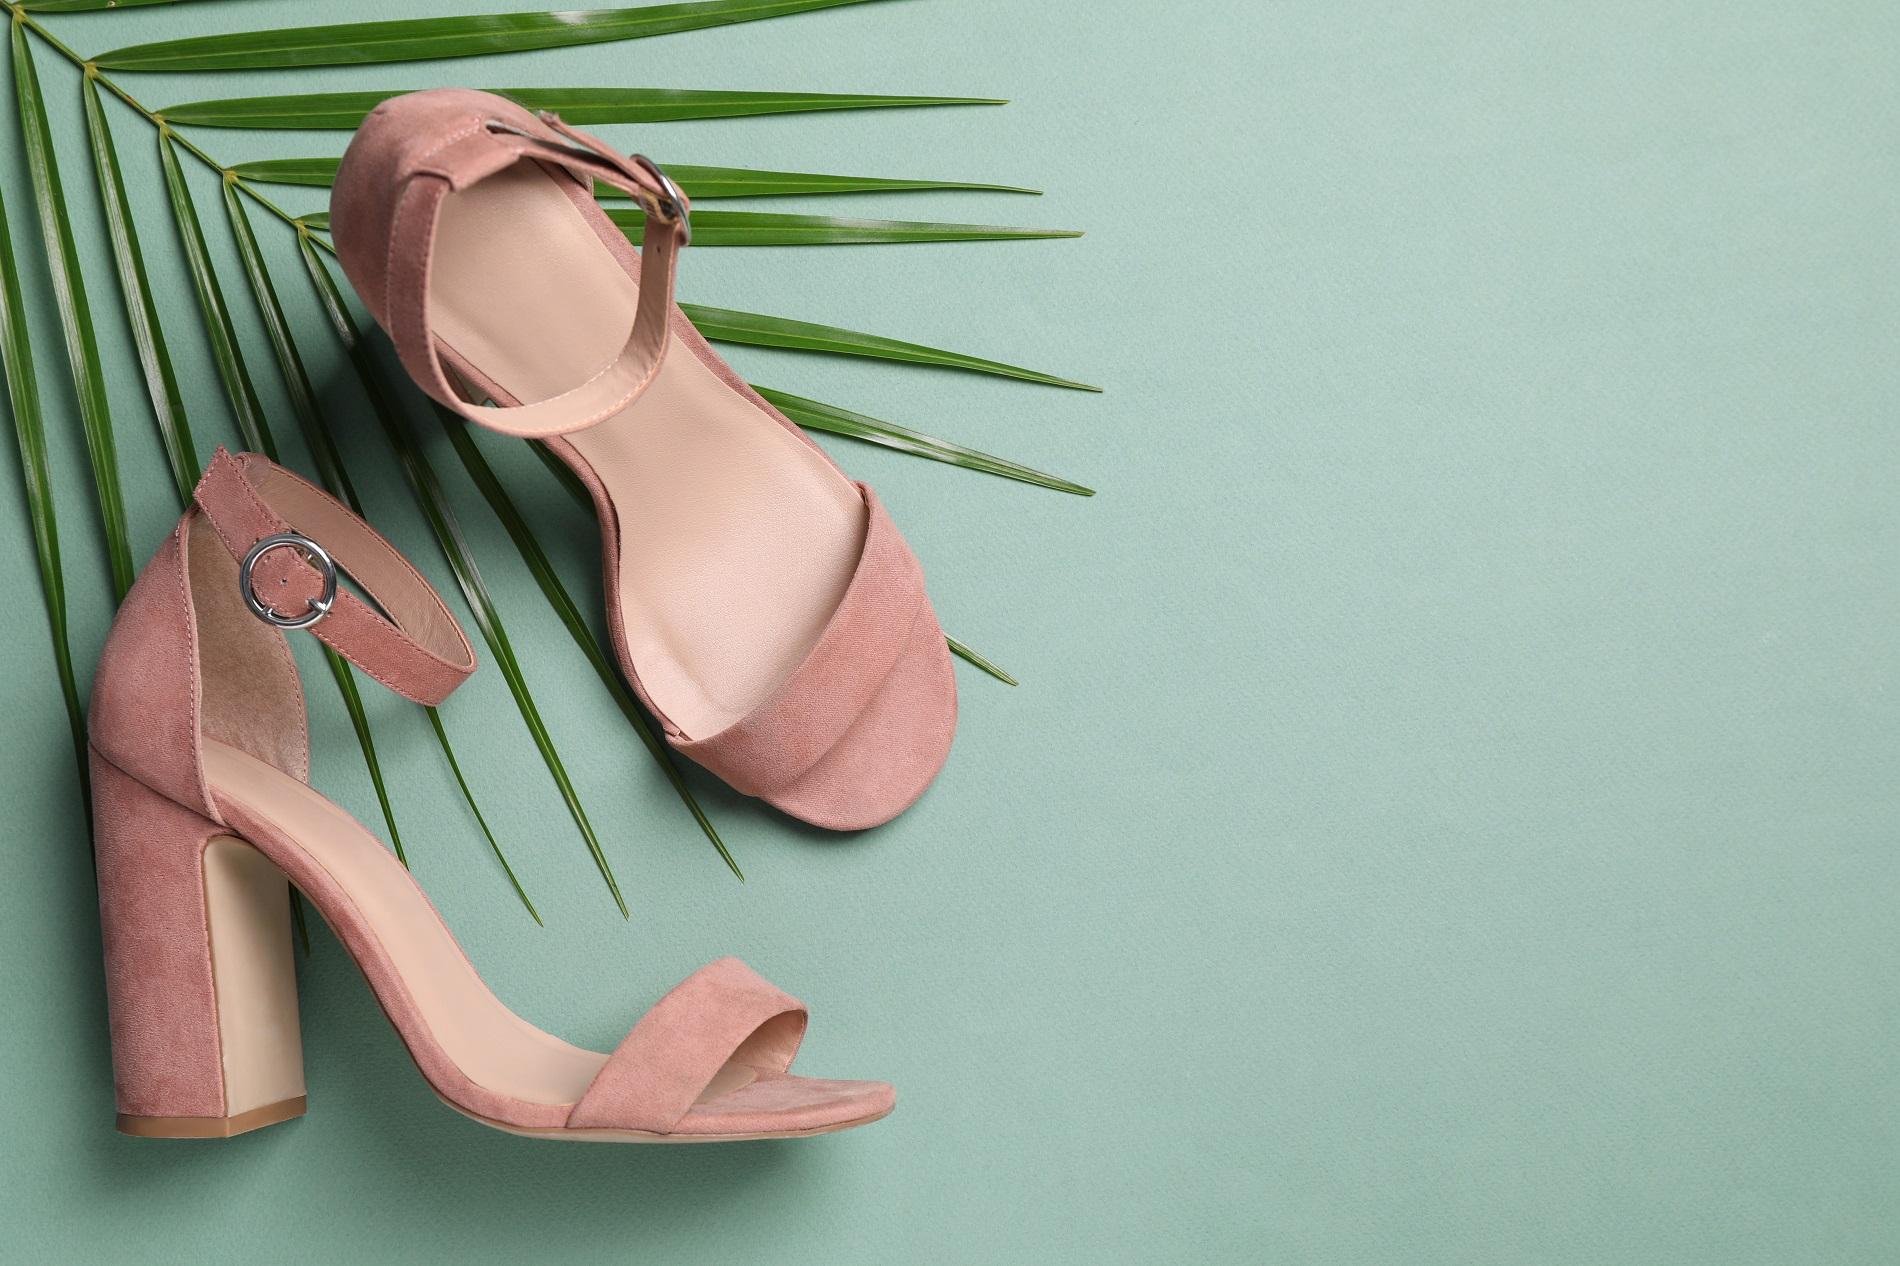 Wygodne i stabilne sandały na obcasie? Odkryj model na słupku, czyli hit tego sezonu!